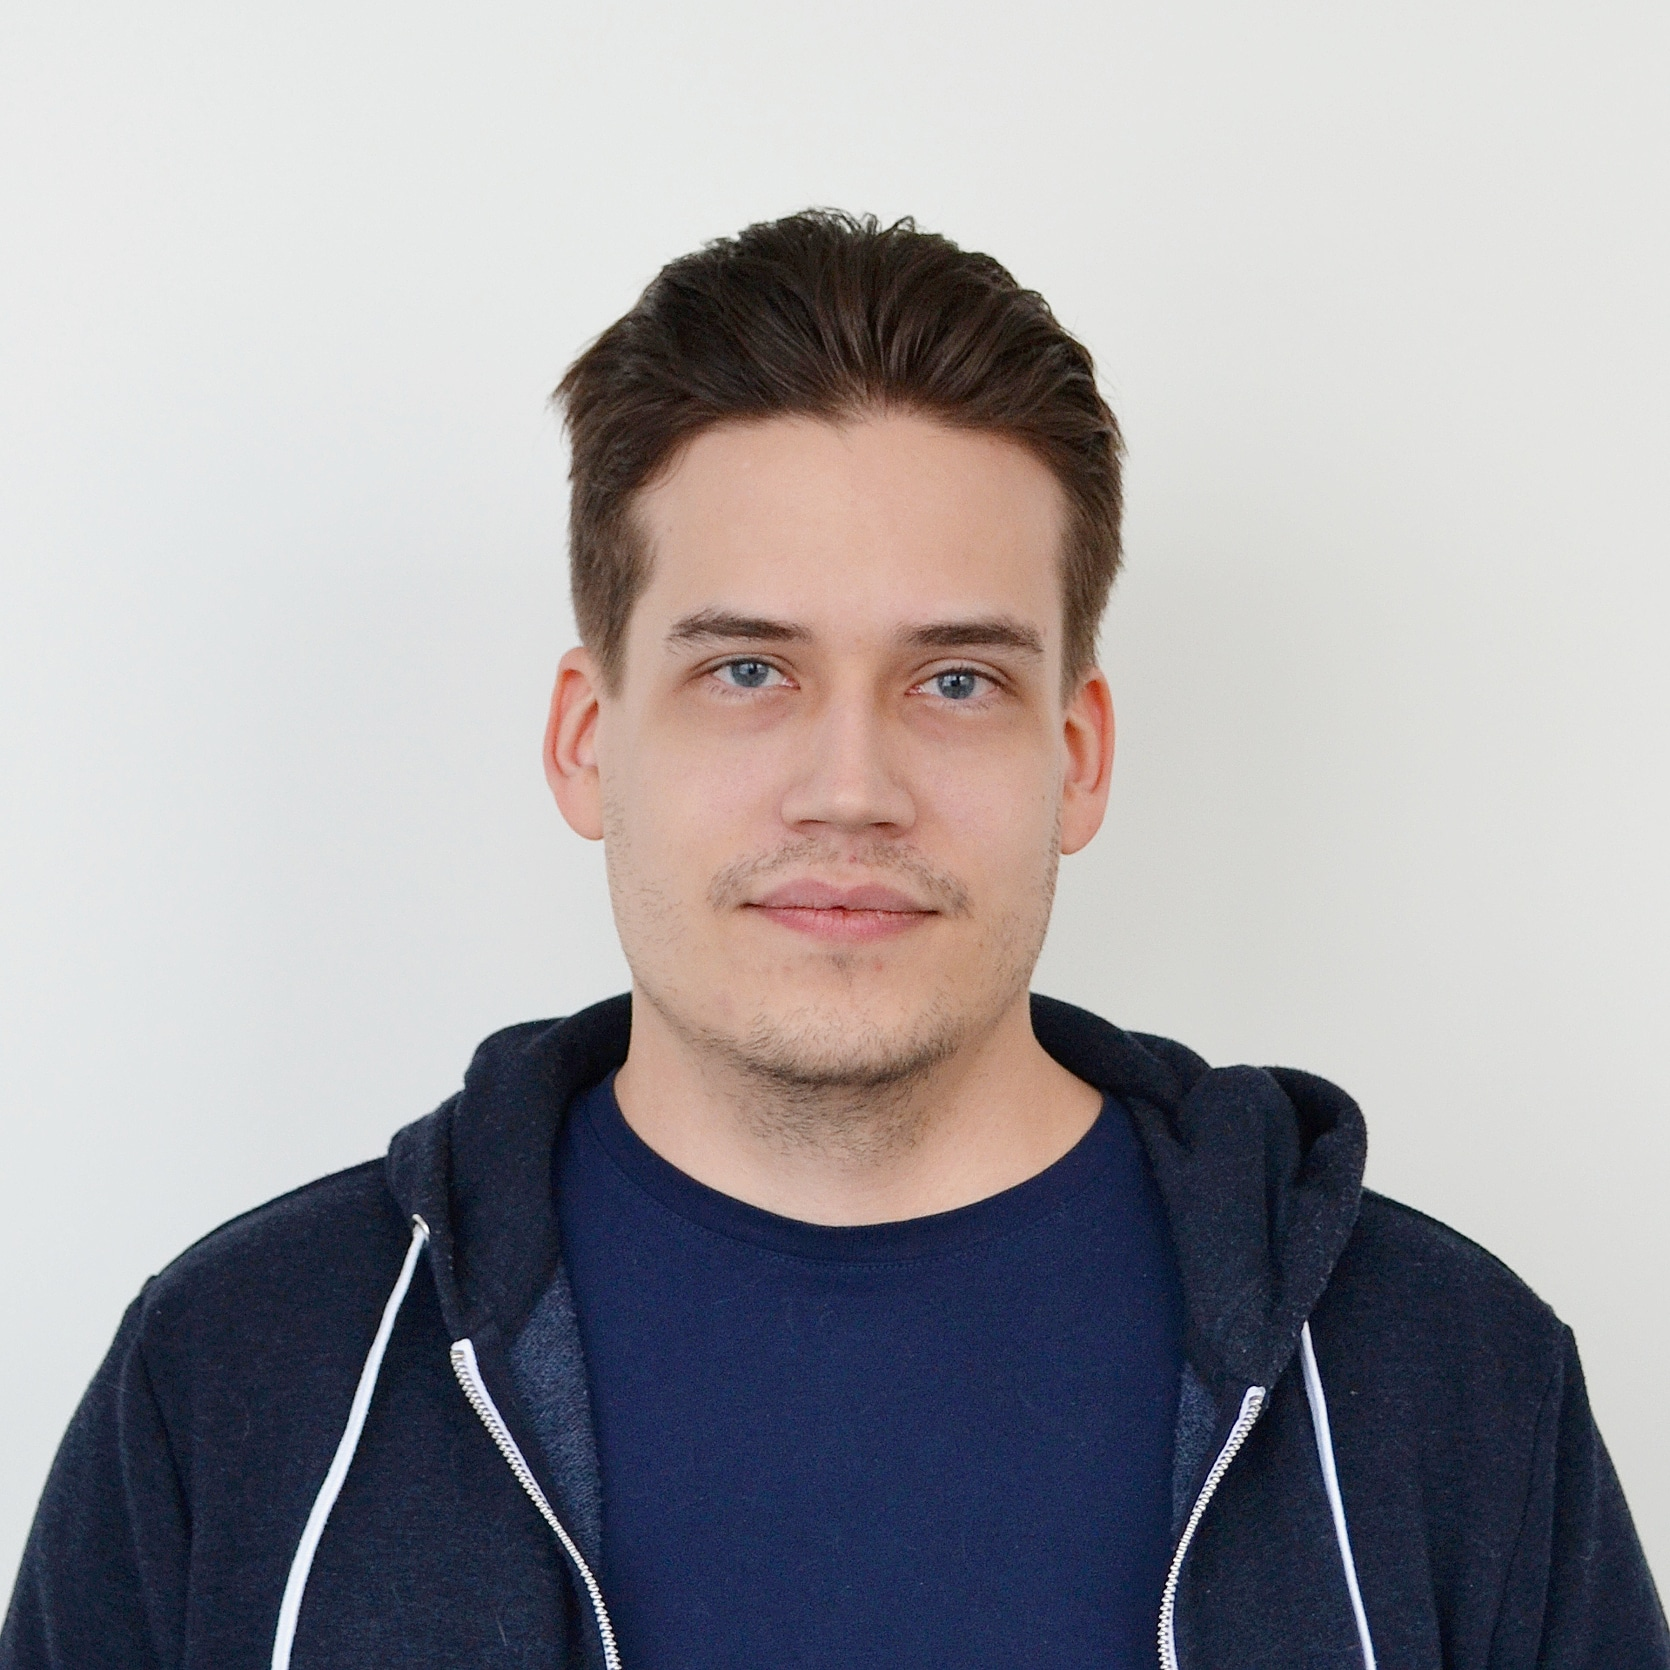 Erik Mänty